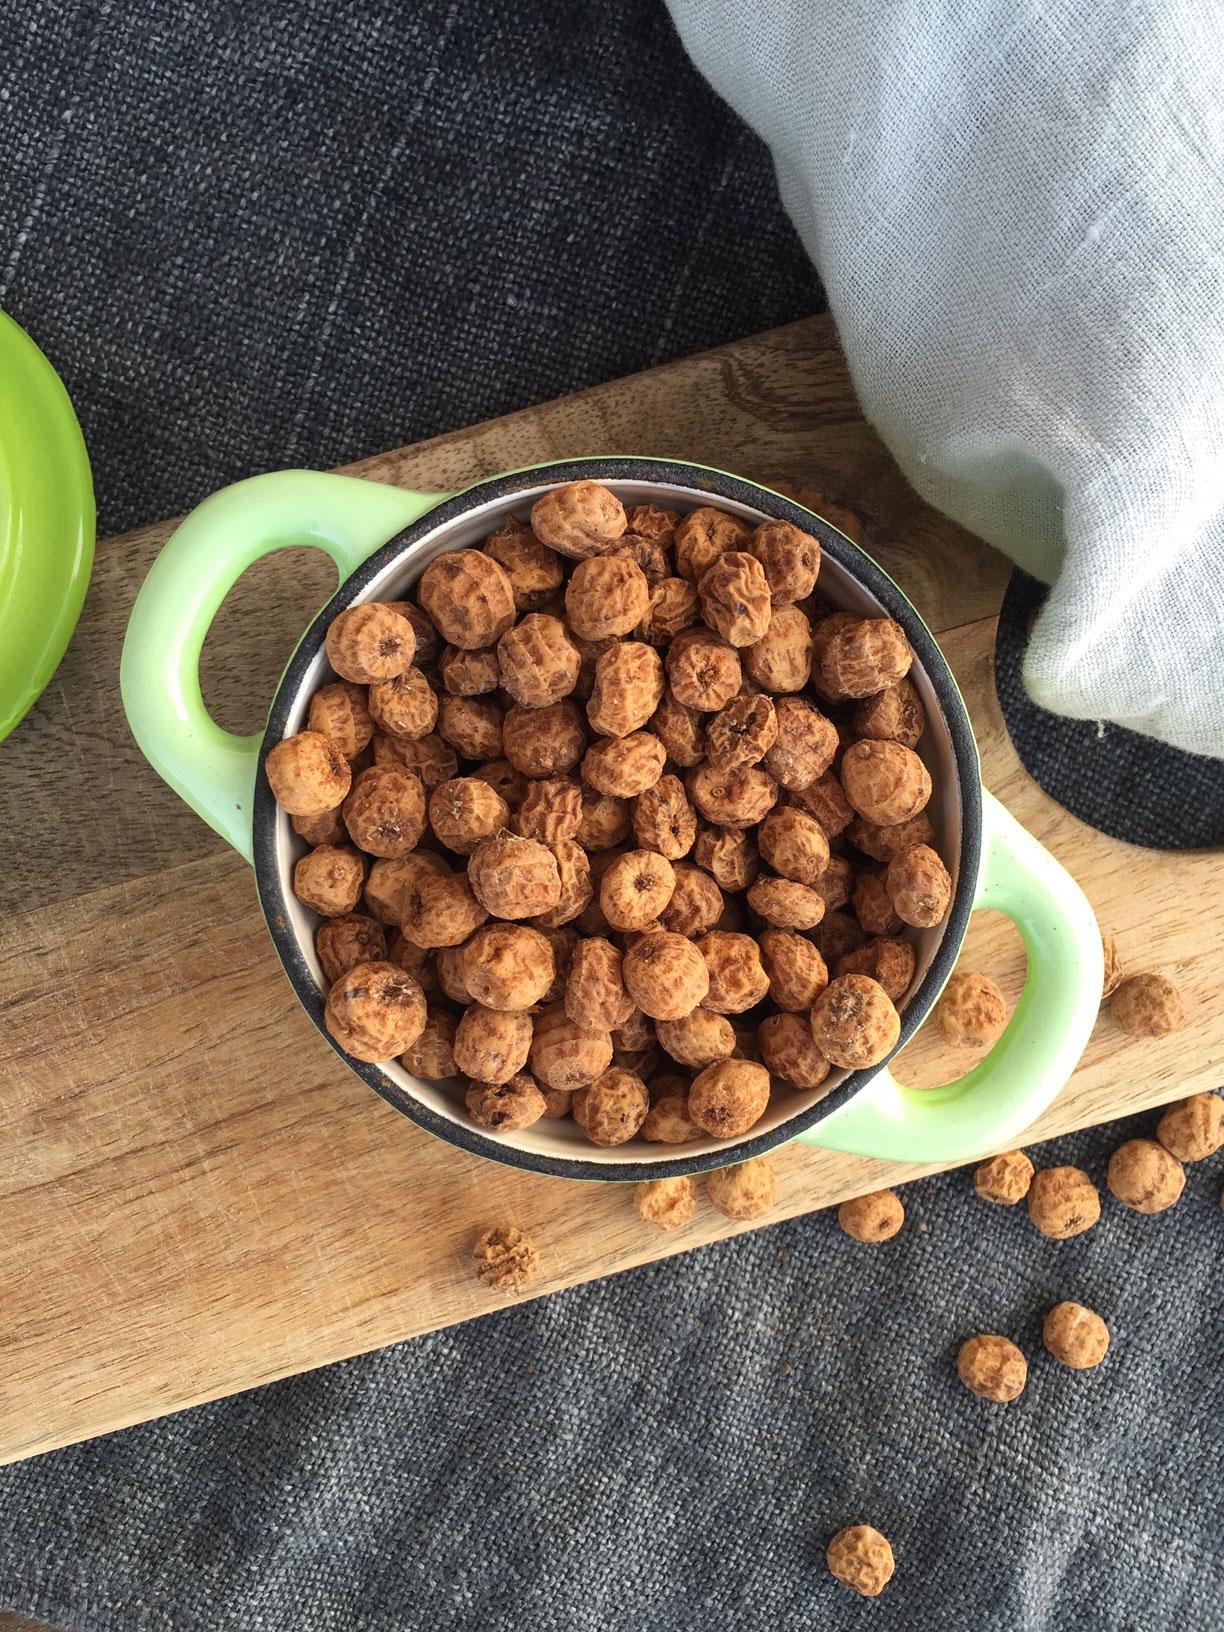 Chufa - hvad er det, og hvad kan de bruges til? Her får du opskriften på søde ristede chufa med kanel og lækker chufa-mælk. --> Madbanditten.dk